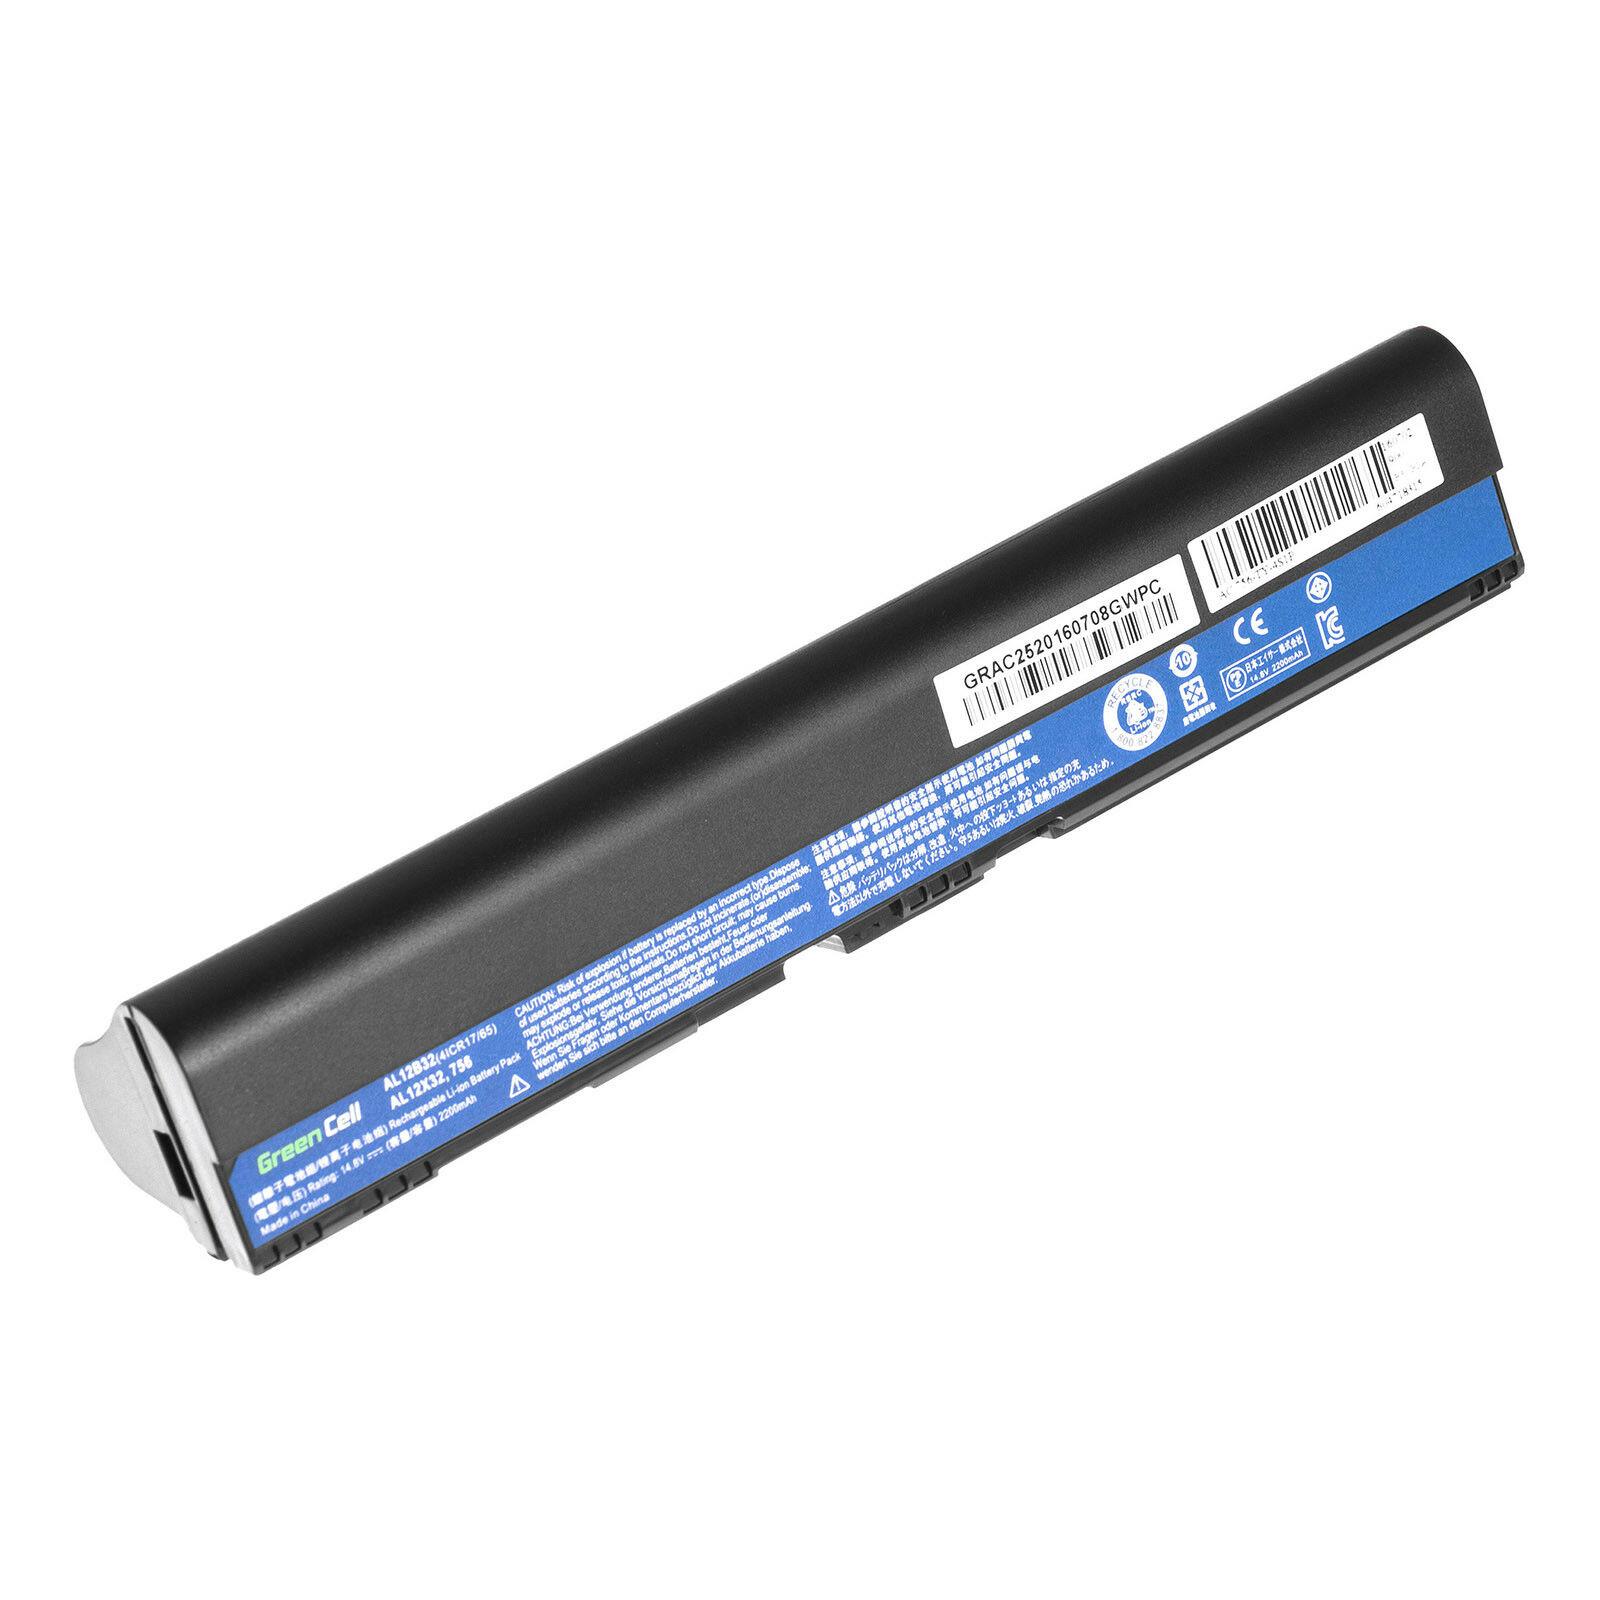 Akku für pour Acer Aspire One AO725-0412 AO725-0488 AO725-0635 AO725-0638(Ersatz)